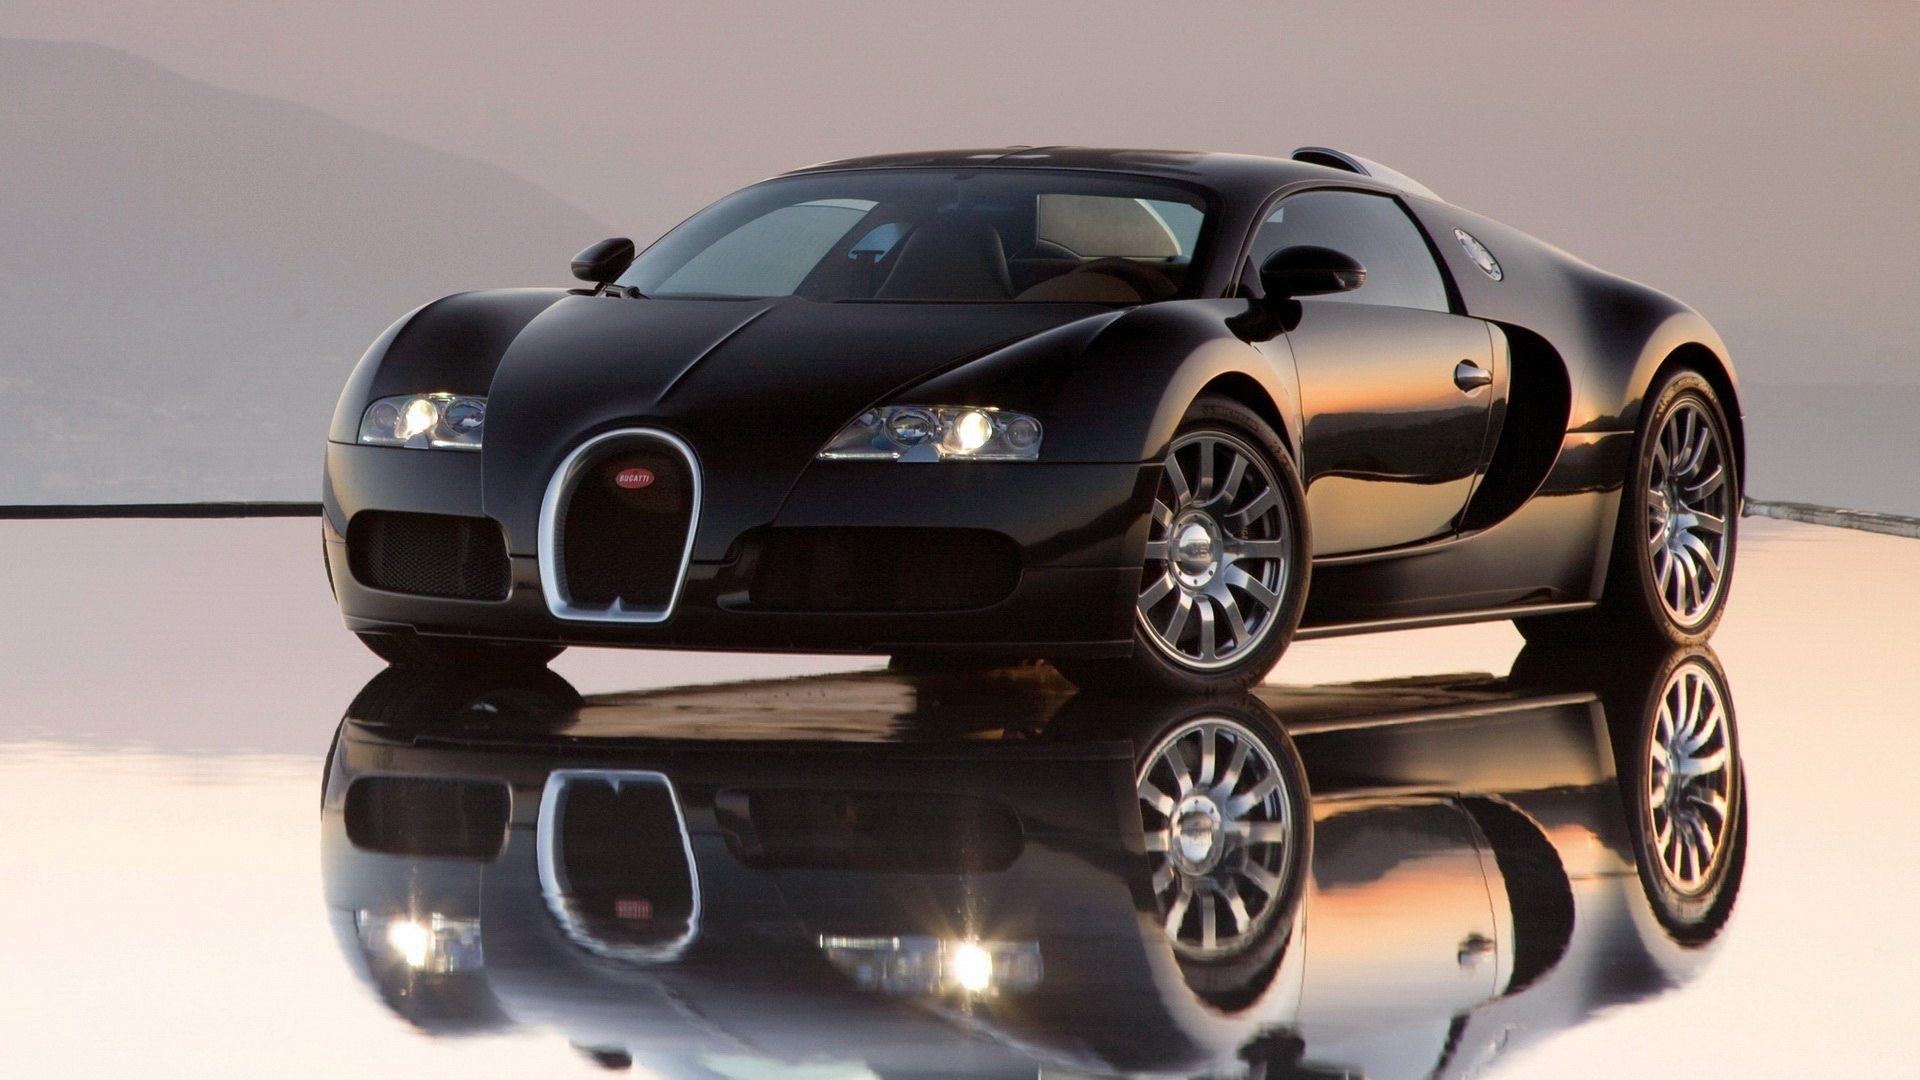 Bugatti Veyron Wallpaper 21828 1920x1080px